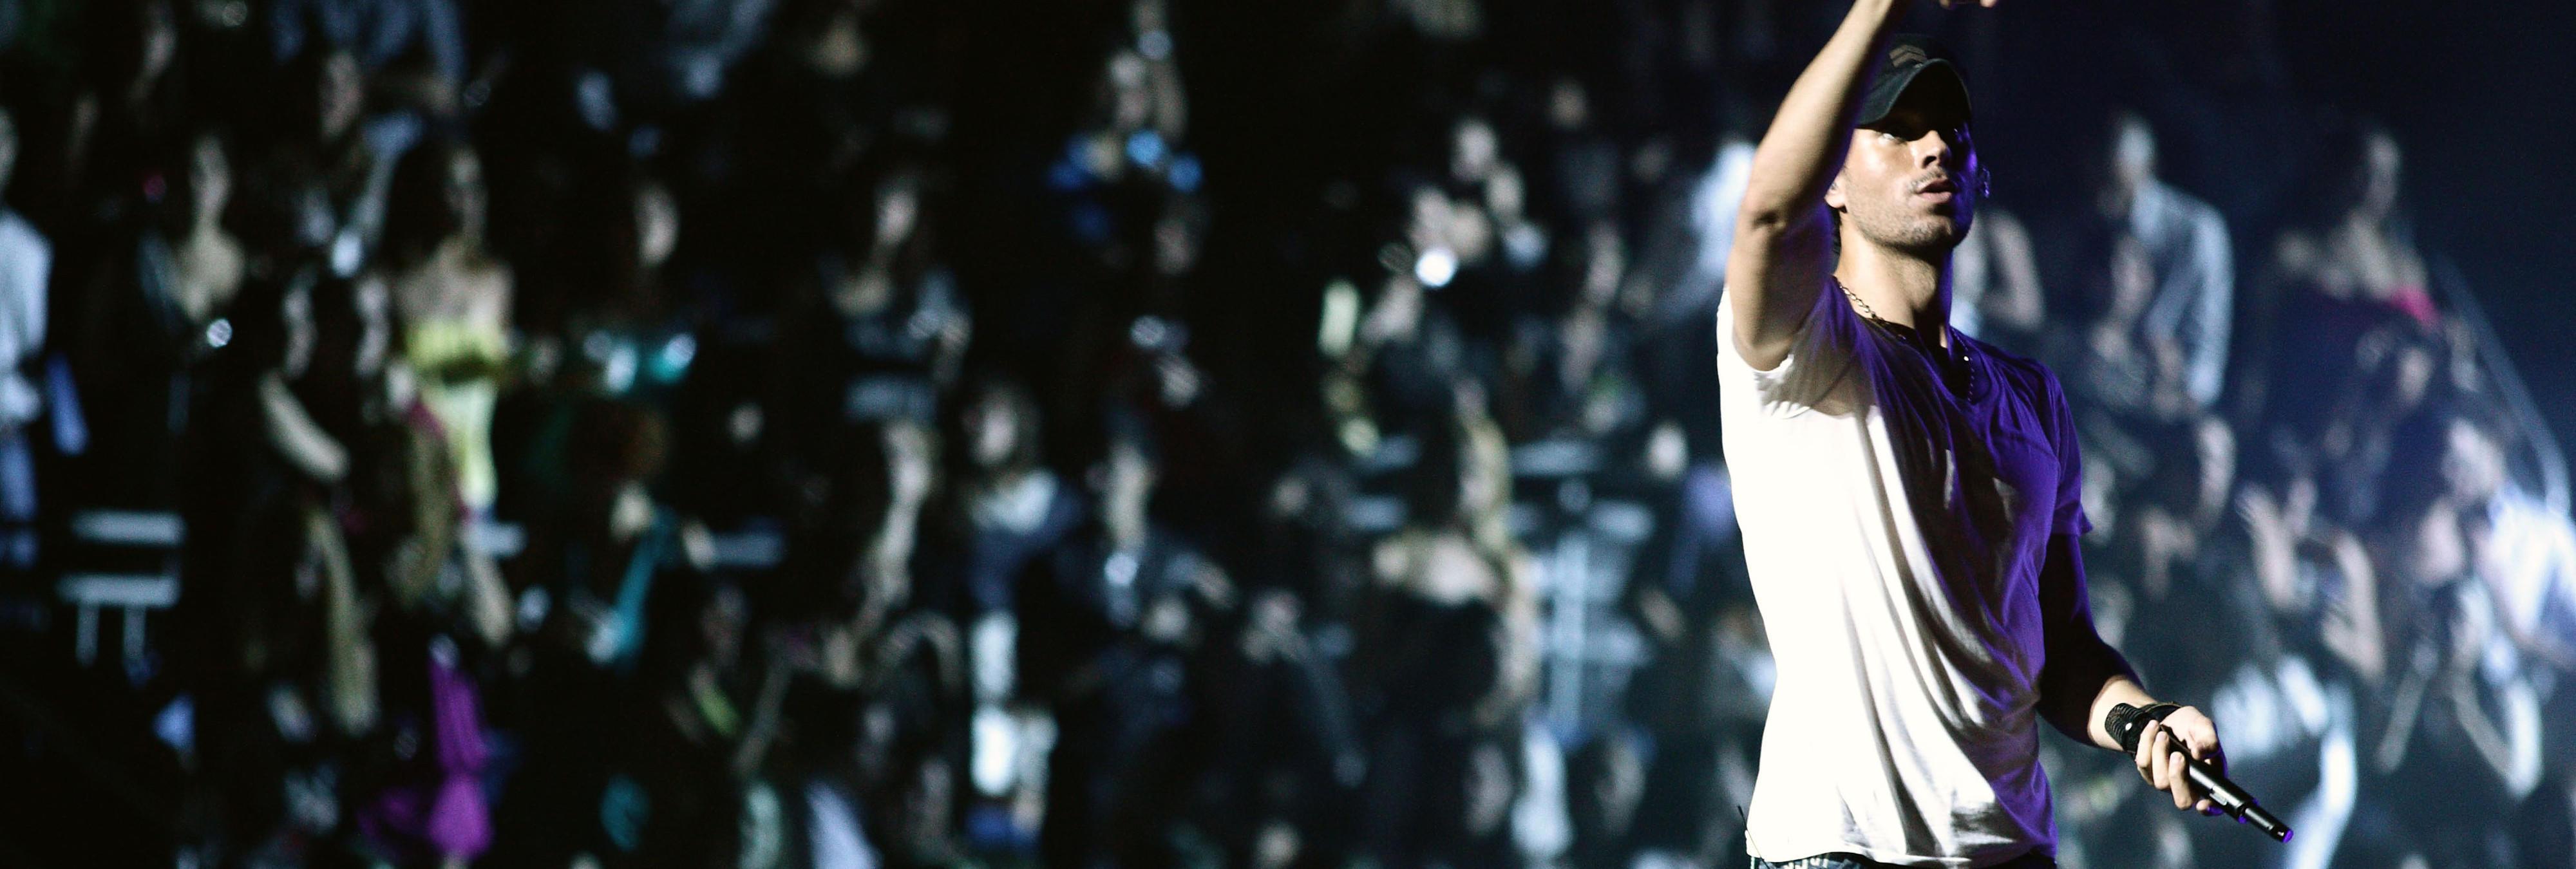 """El presidente de Sri Lanka pide azotes """"con una raya venenosa"""" tras el concierto de Enrique Iglesias"""